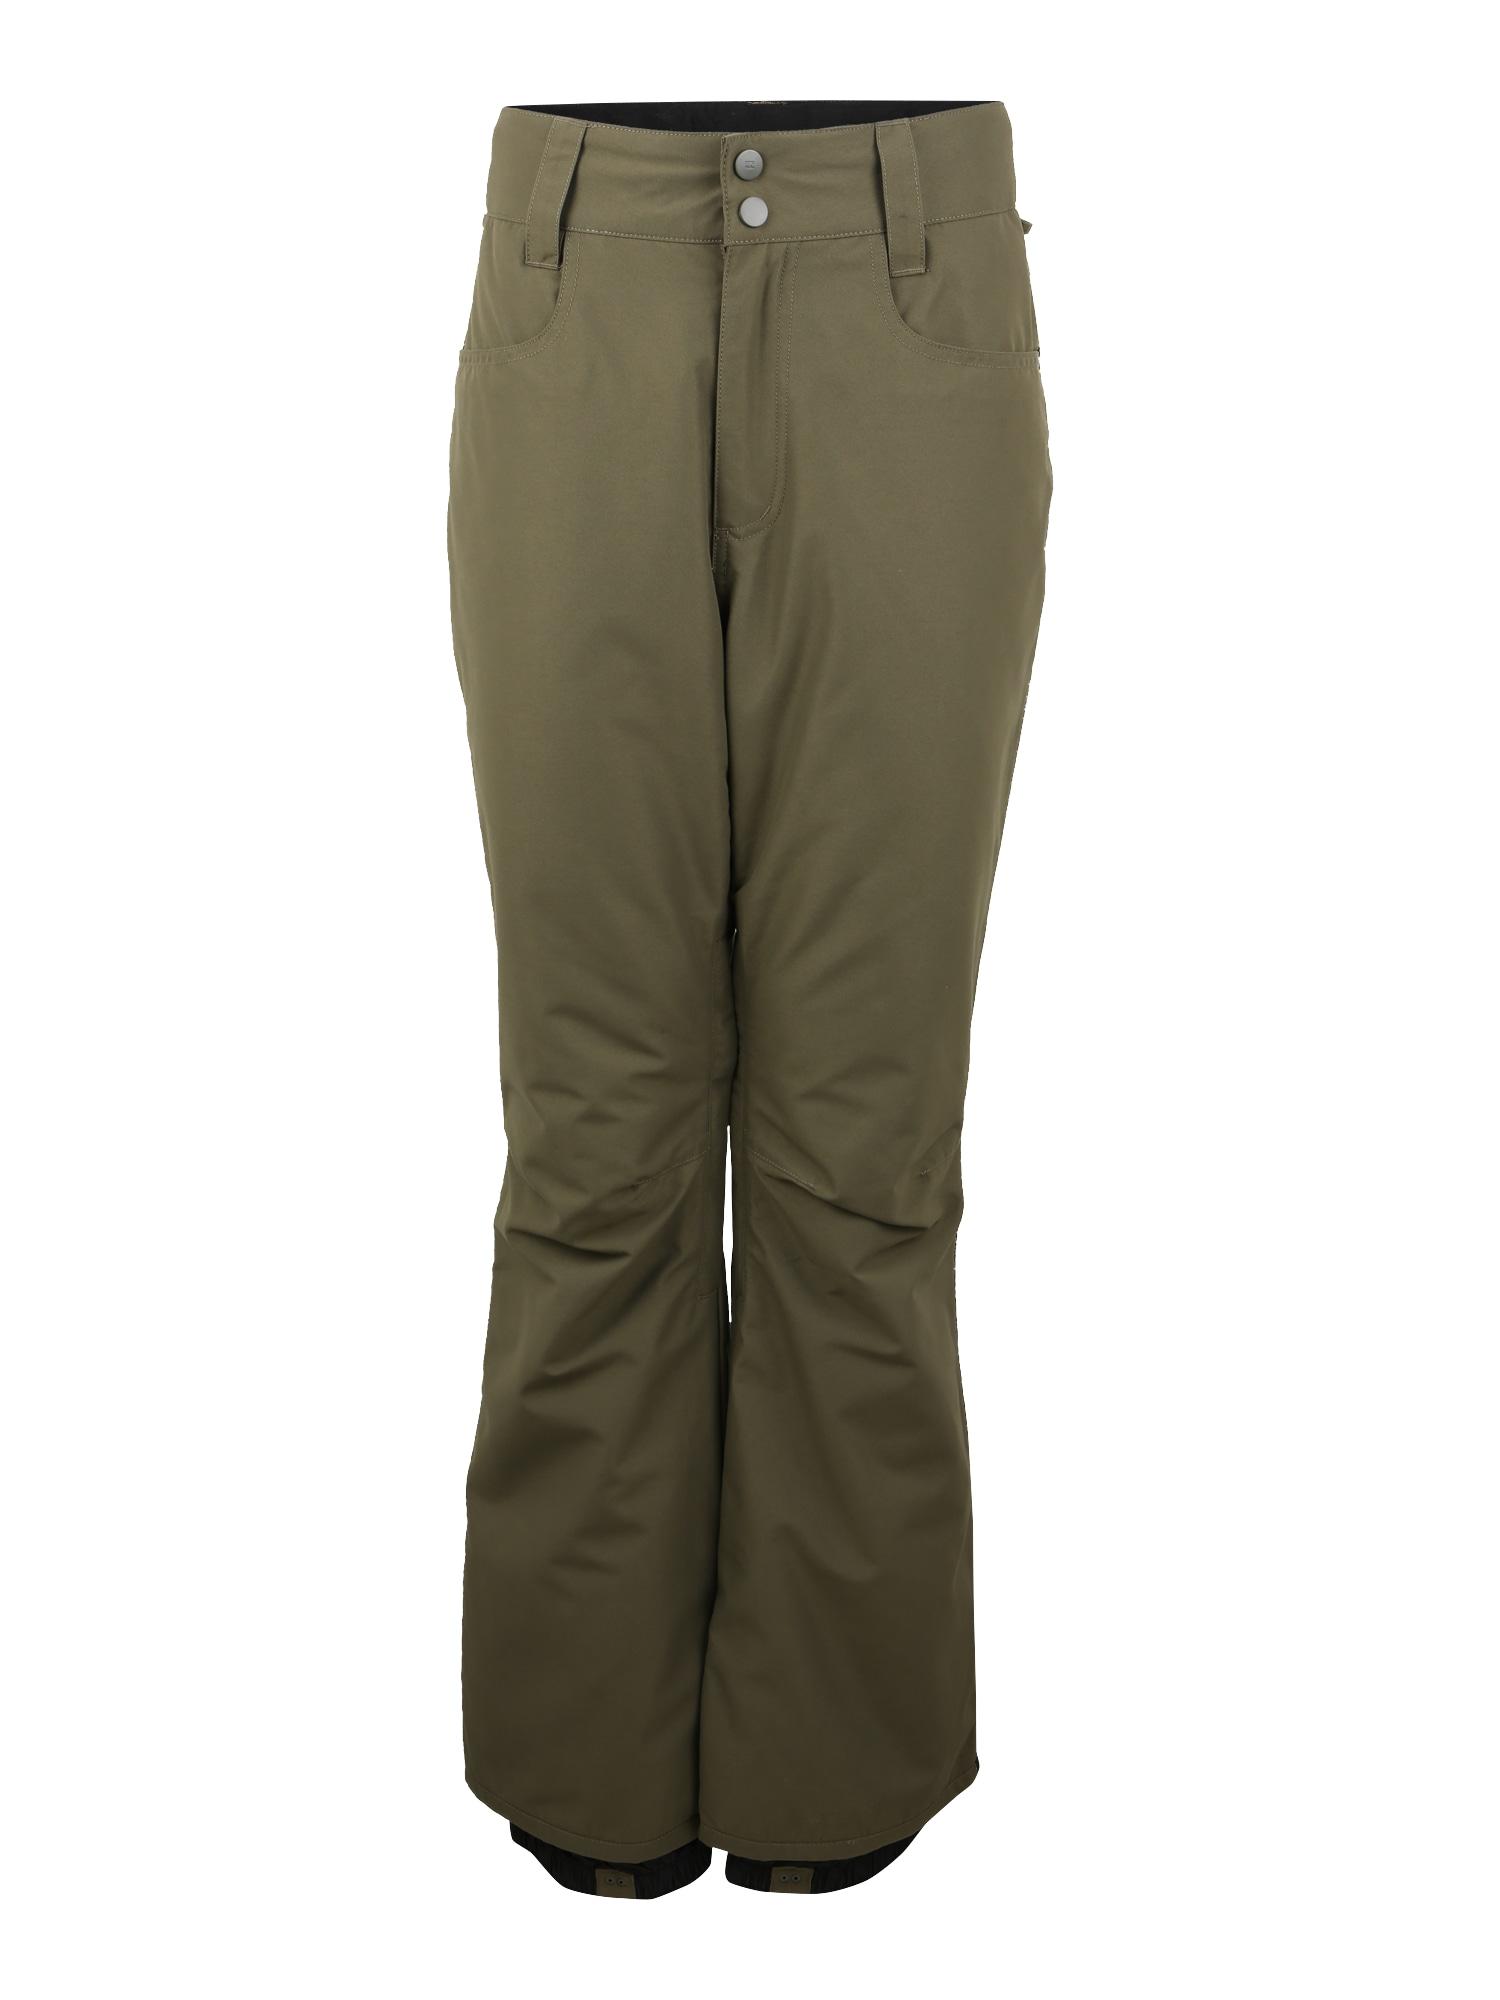 BILLABONG Sportinės kelnės 'Outsider' rusvai žalia